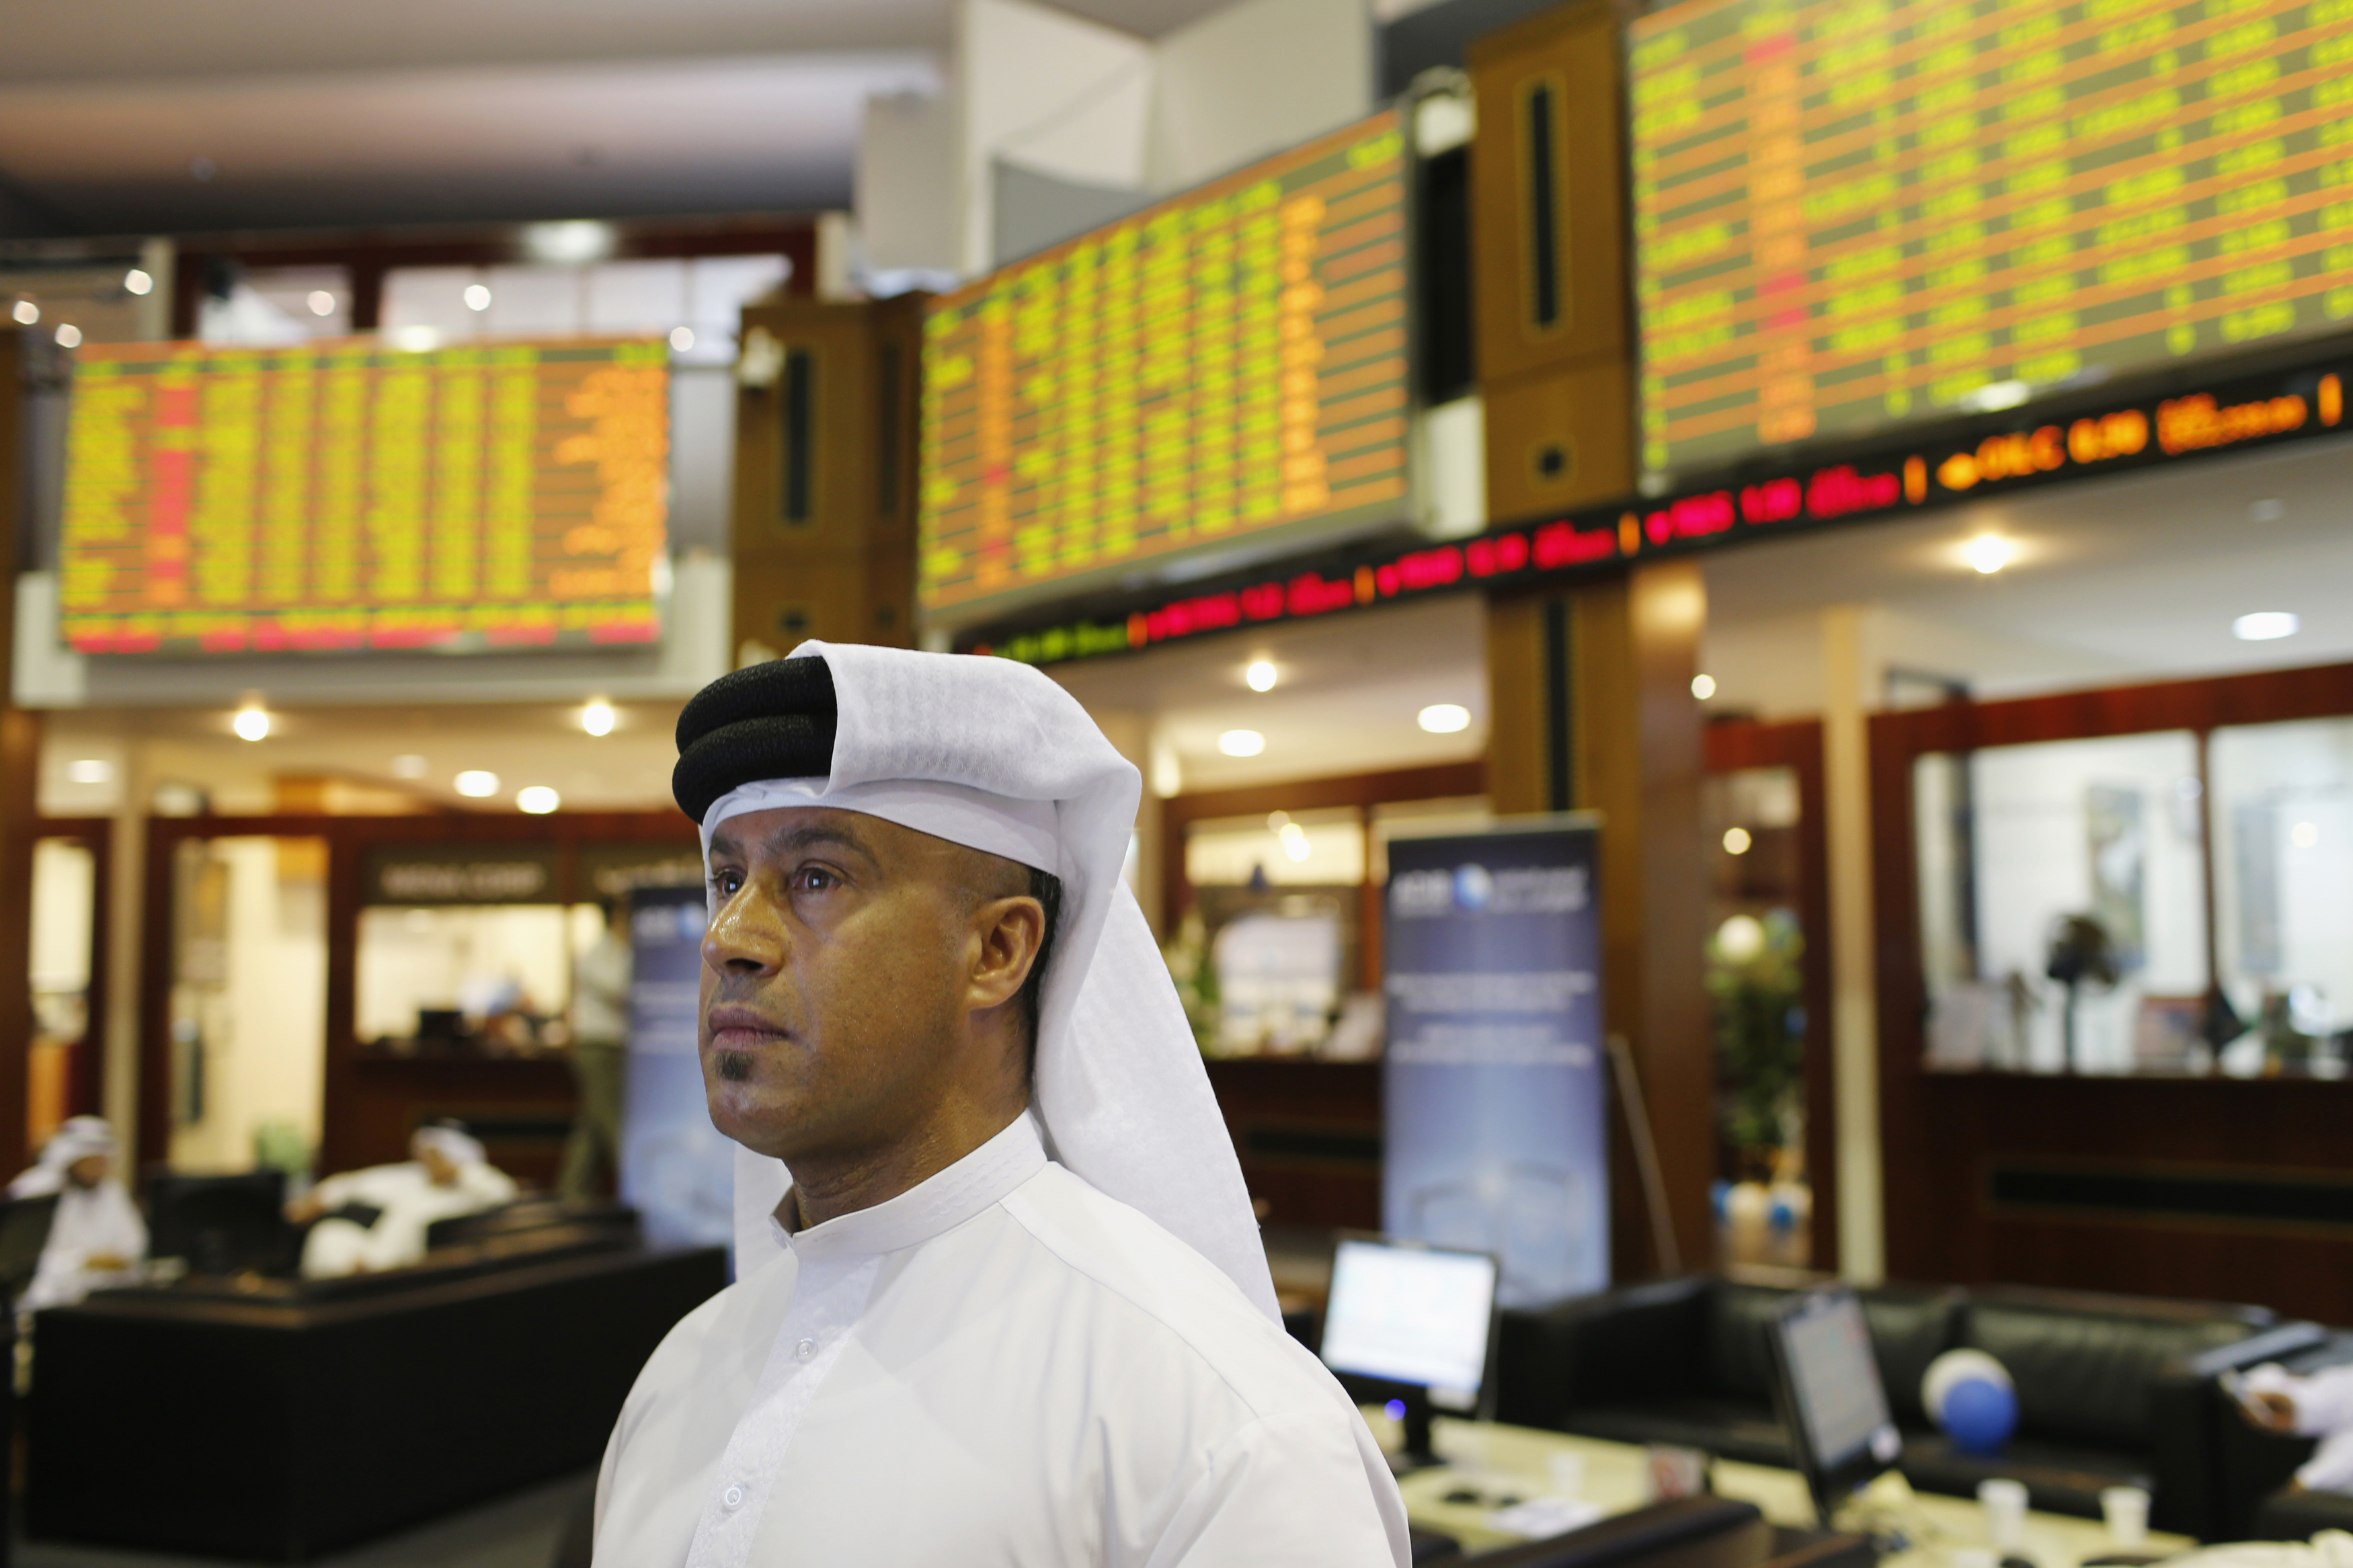 المجلس الوطني يوصي بإنهاء اجراءات دمج الأسواق الاماراتية